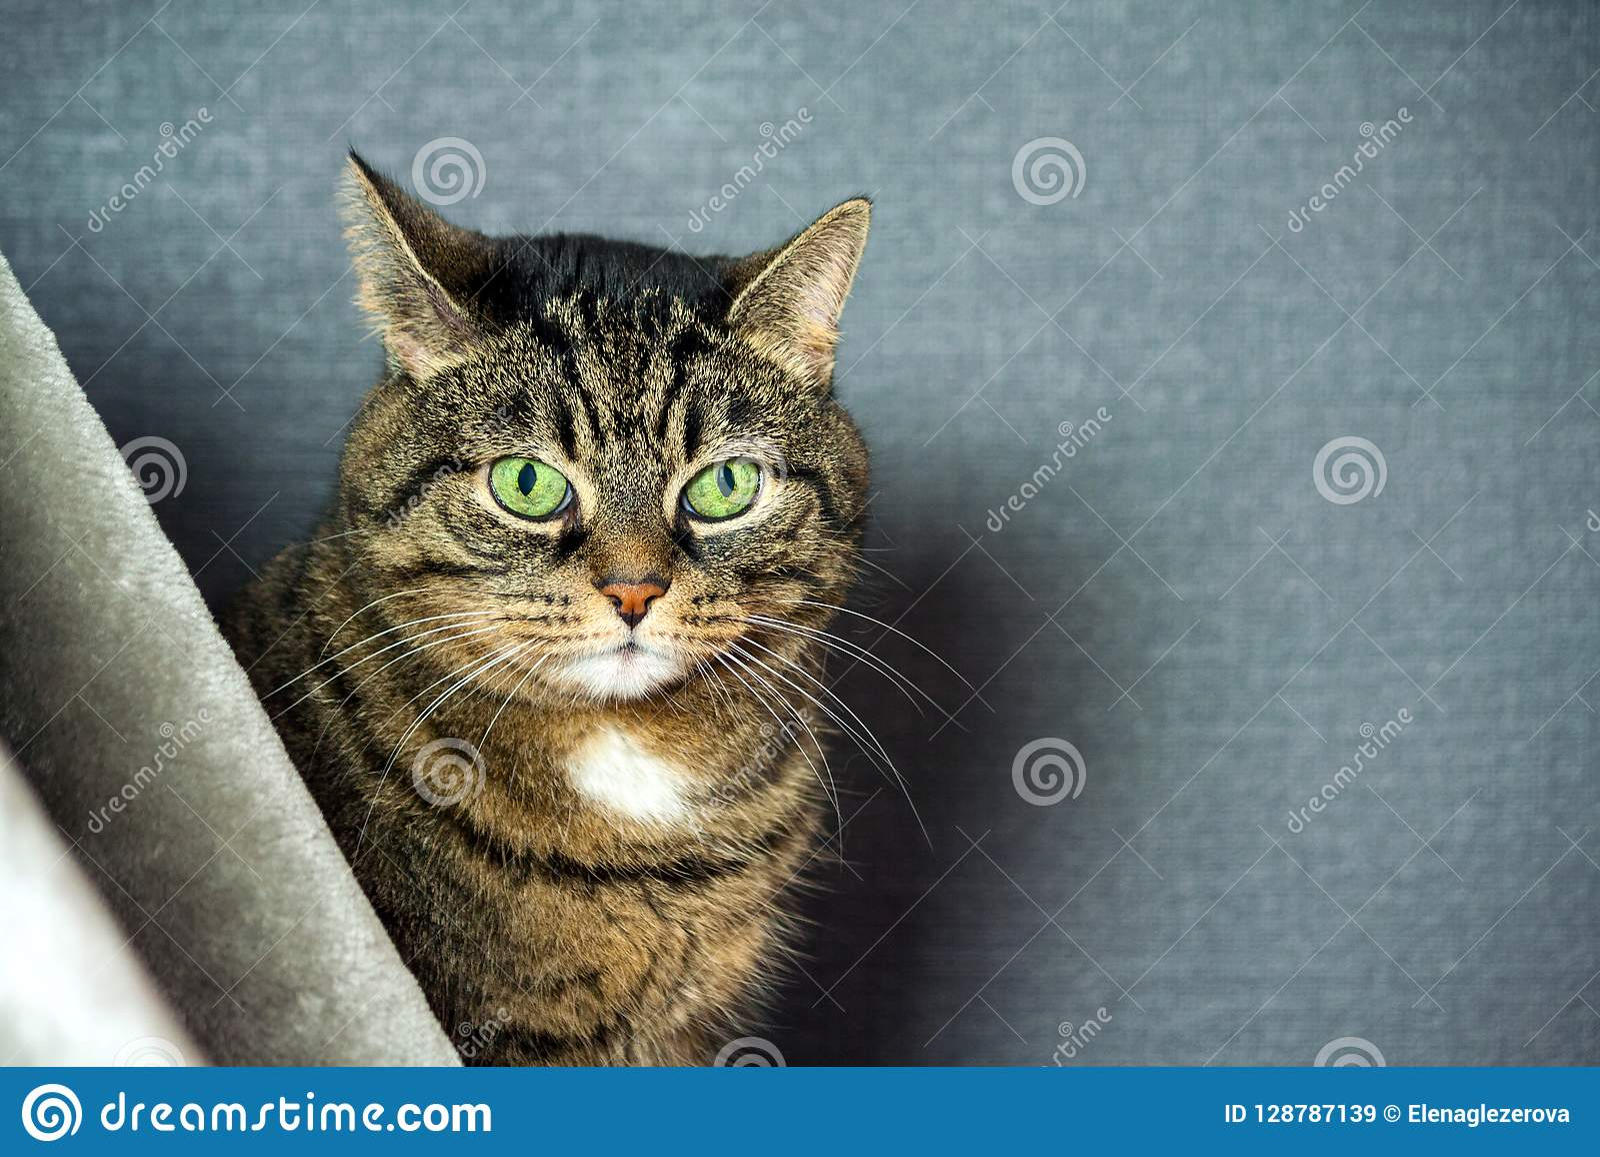 Nicht reinrassige gestreifte Katze, fette Backen, Nahaufnahmeporträt, sitzt hinter einem grauen Schleier